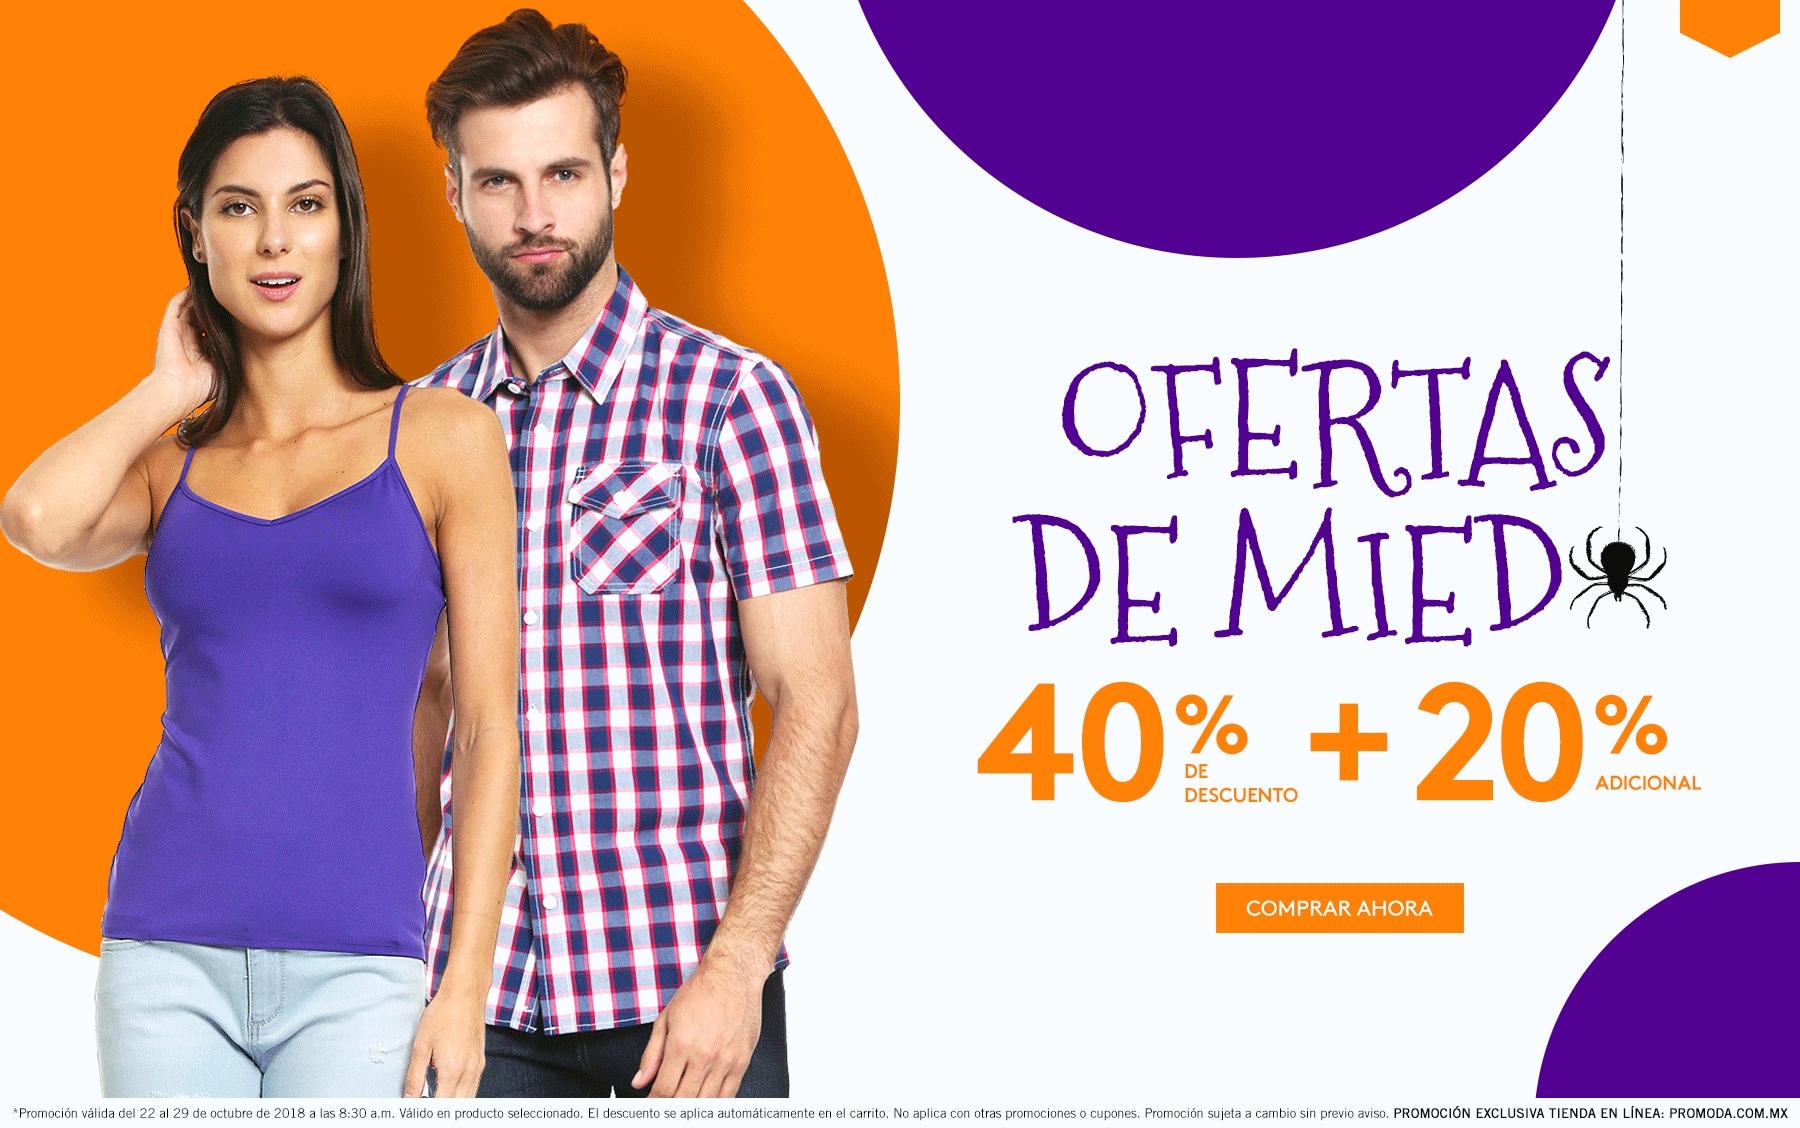 Promoda Outlet: Ofertas de Miedo: 40% de descuento + 15% ó 10% adicional en Tienda en Línea